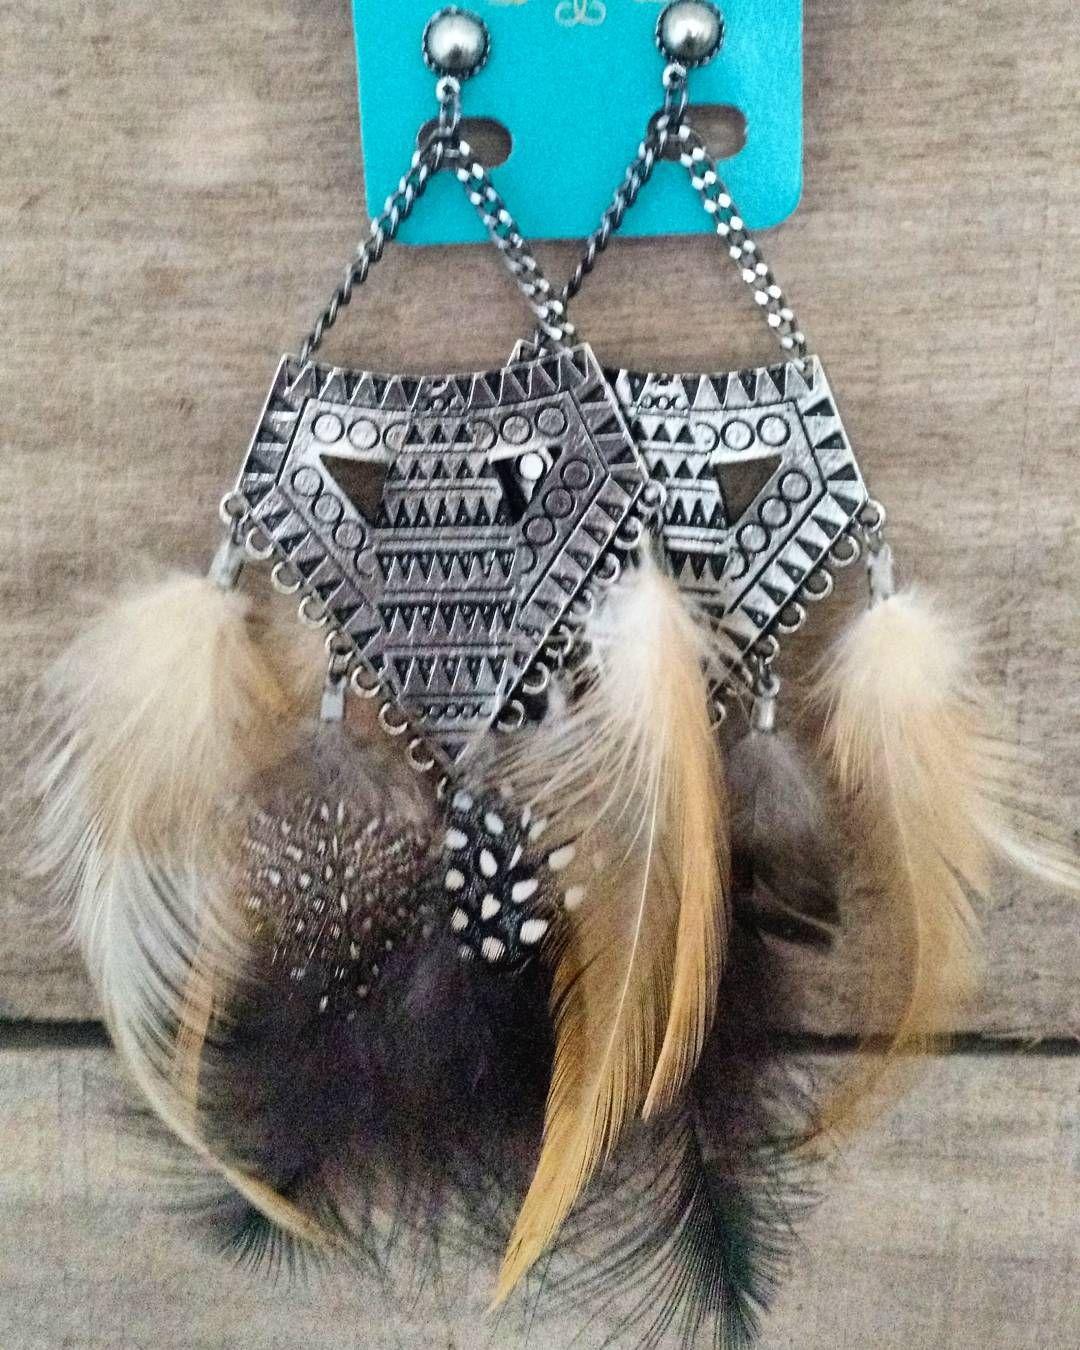 Pensa em gigante! Assim é o nosso amor por penas!  #semanadobrinco  #brincão #maisonboho #ss2016 #bohoacessorios #instaboho #acessórios #gypsy #boho #bohochic #bohostyle #bohemianstyle #brincos #earrings #penas #feathers #couro #leather #lasercut #sustentável #sustentabilidade by bohoacessoriosemcouro